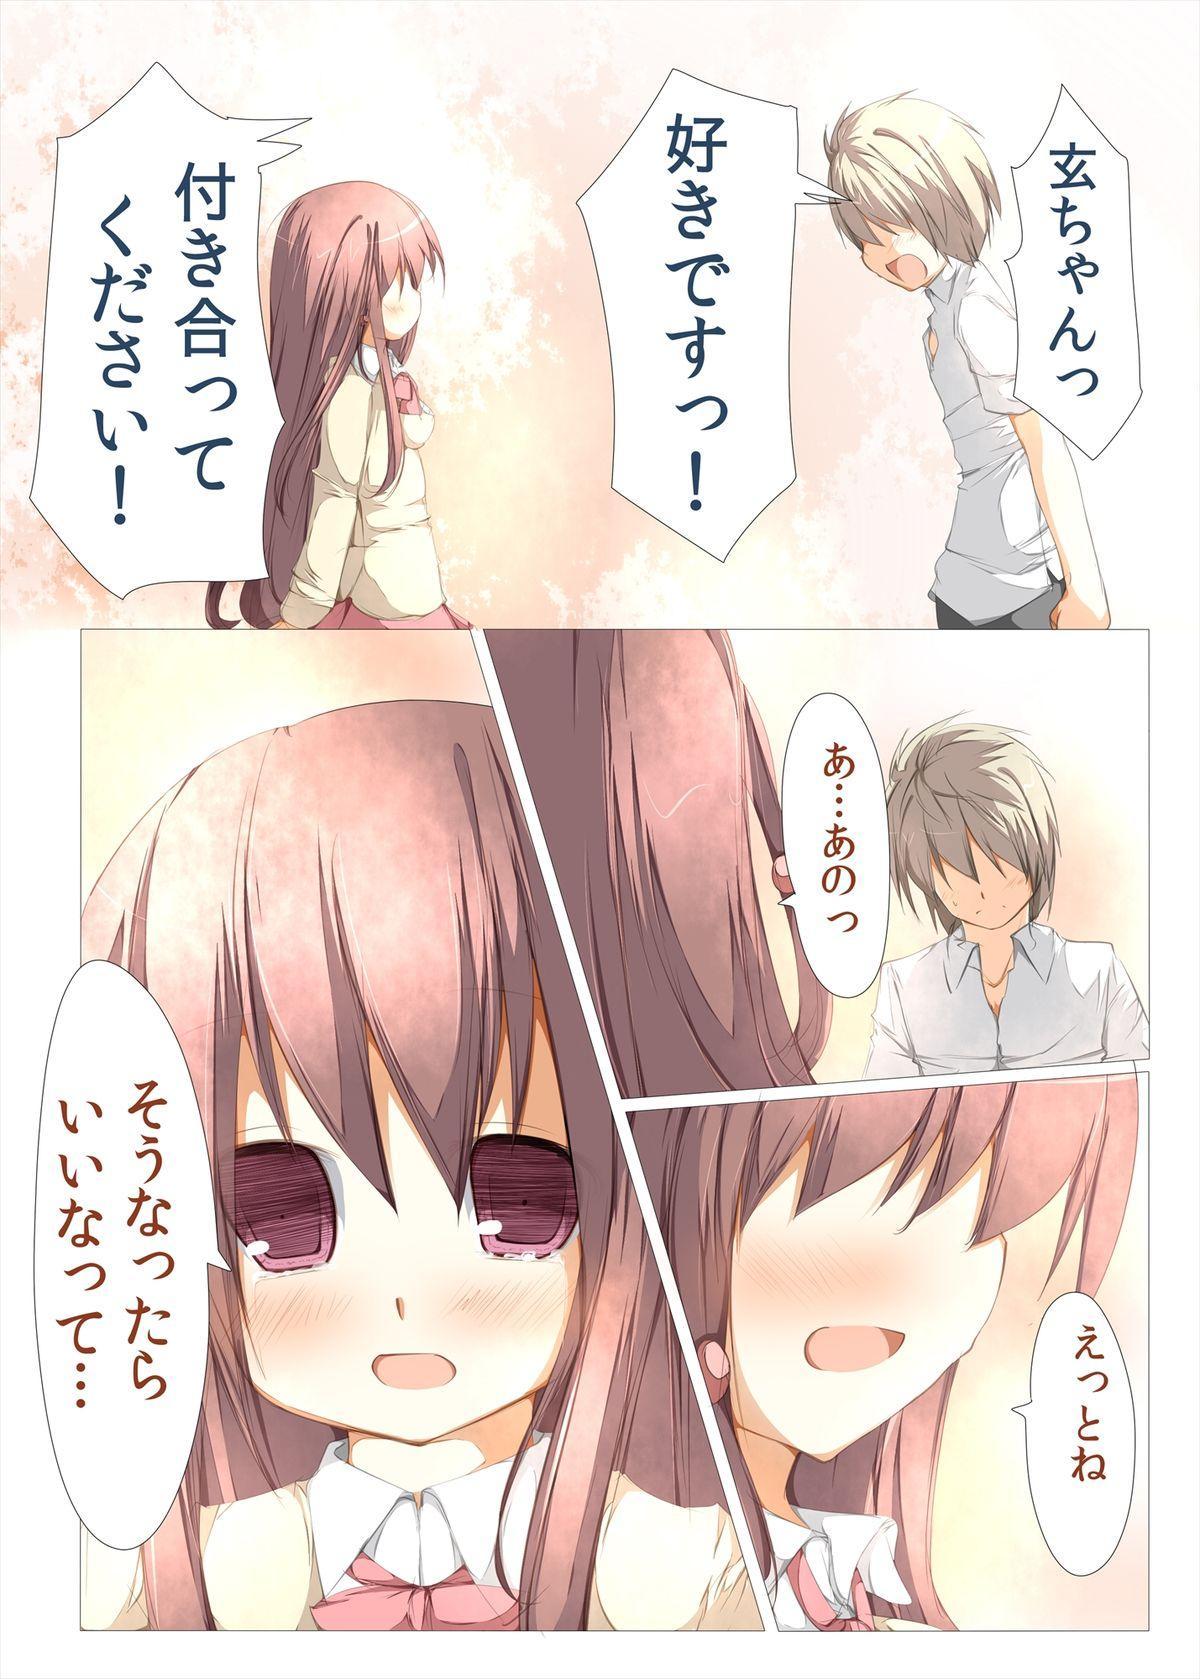 Kuro-chan To Ichatsuku Hon 2